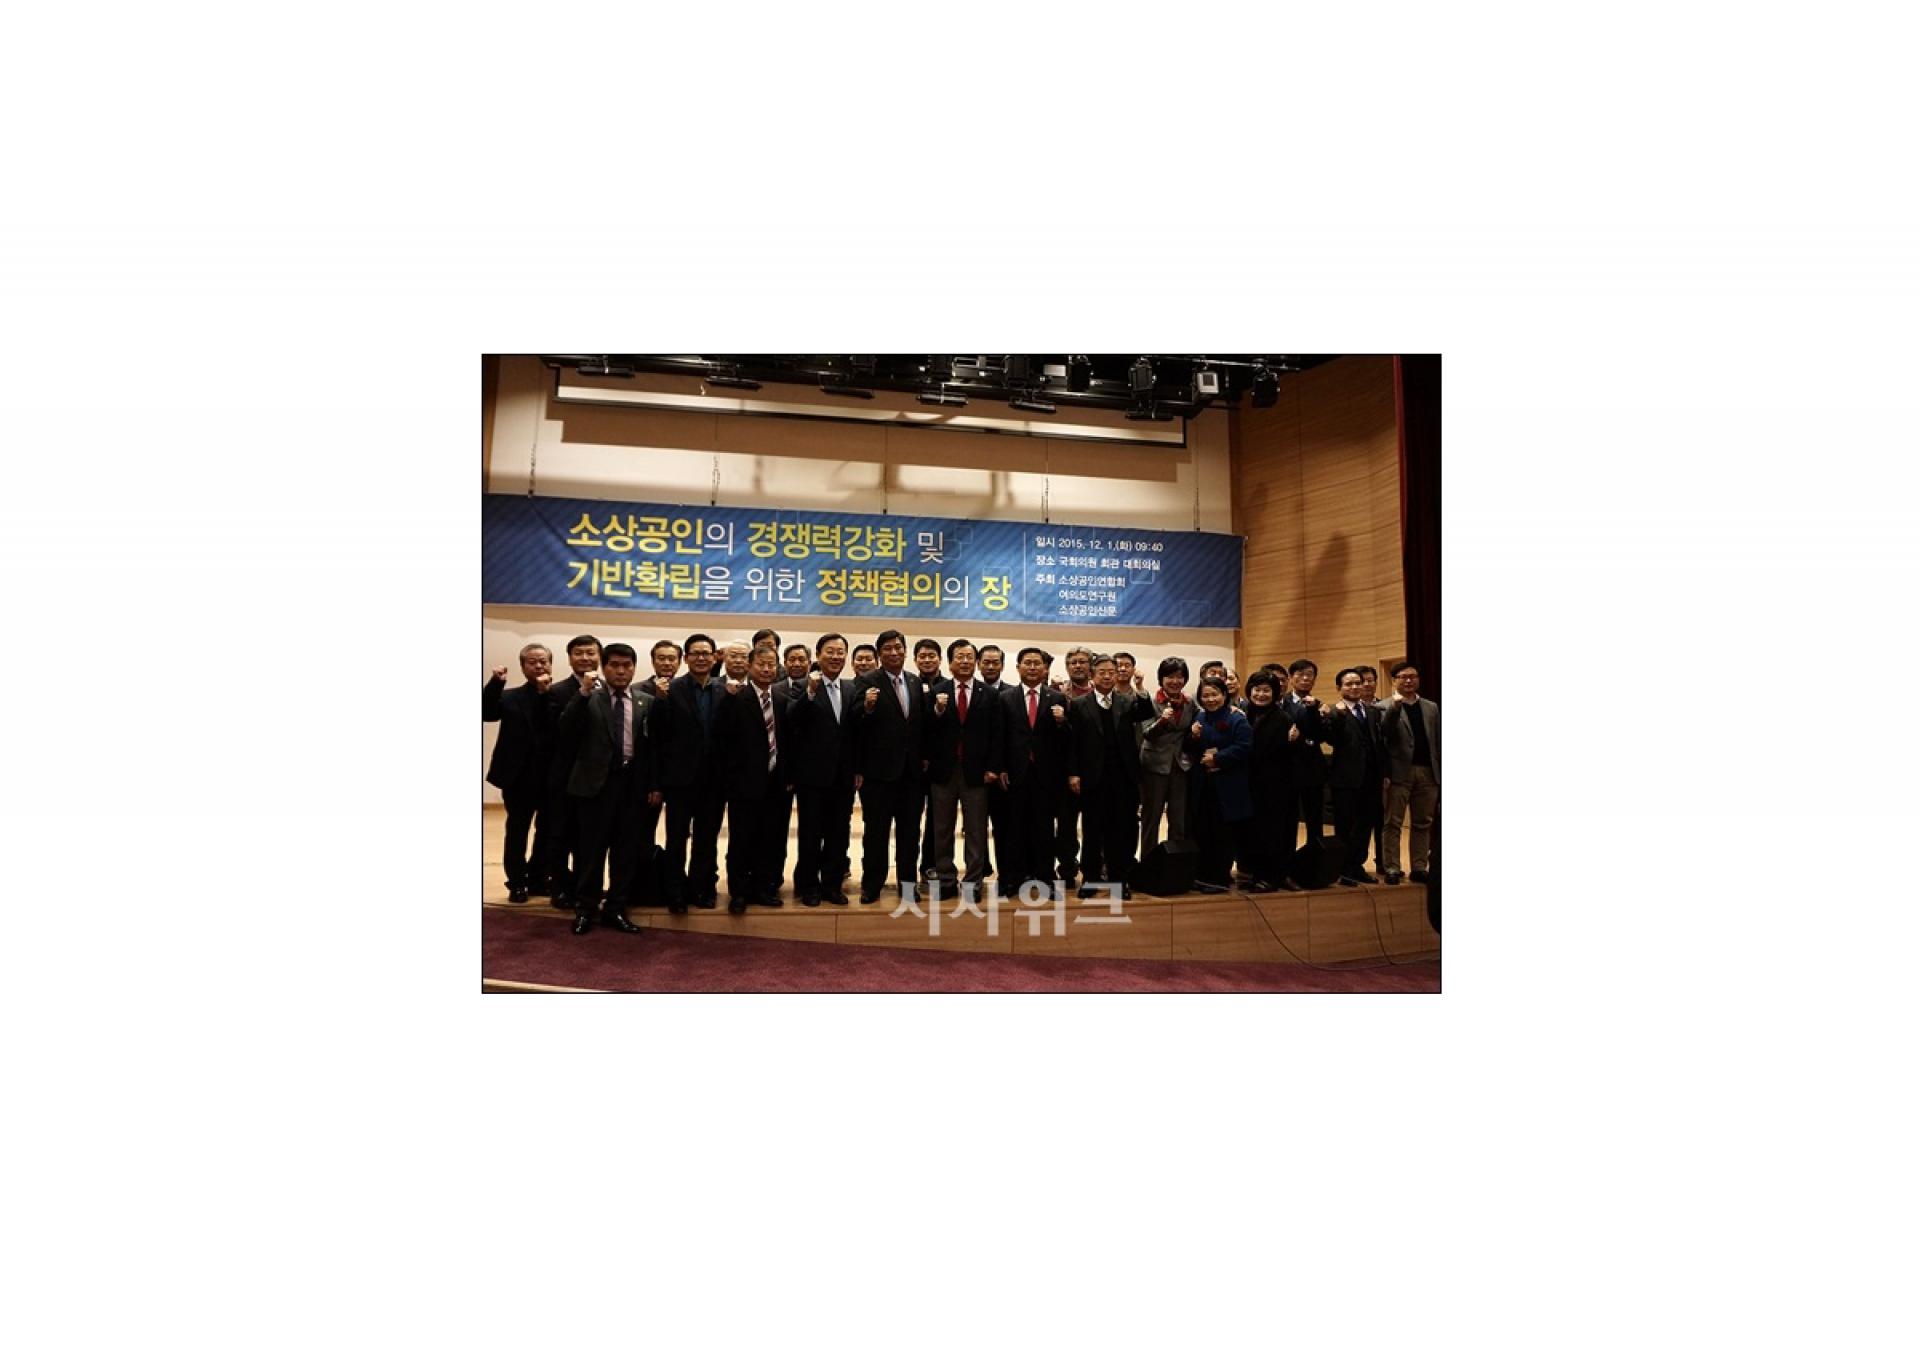 소상공인연합회-k-mall-중국진출사업설명회-1200px